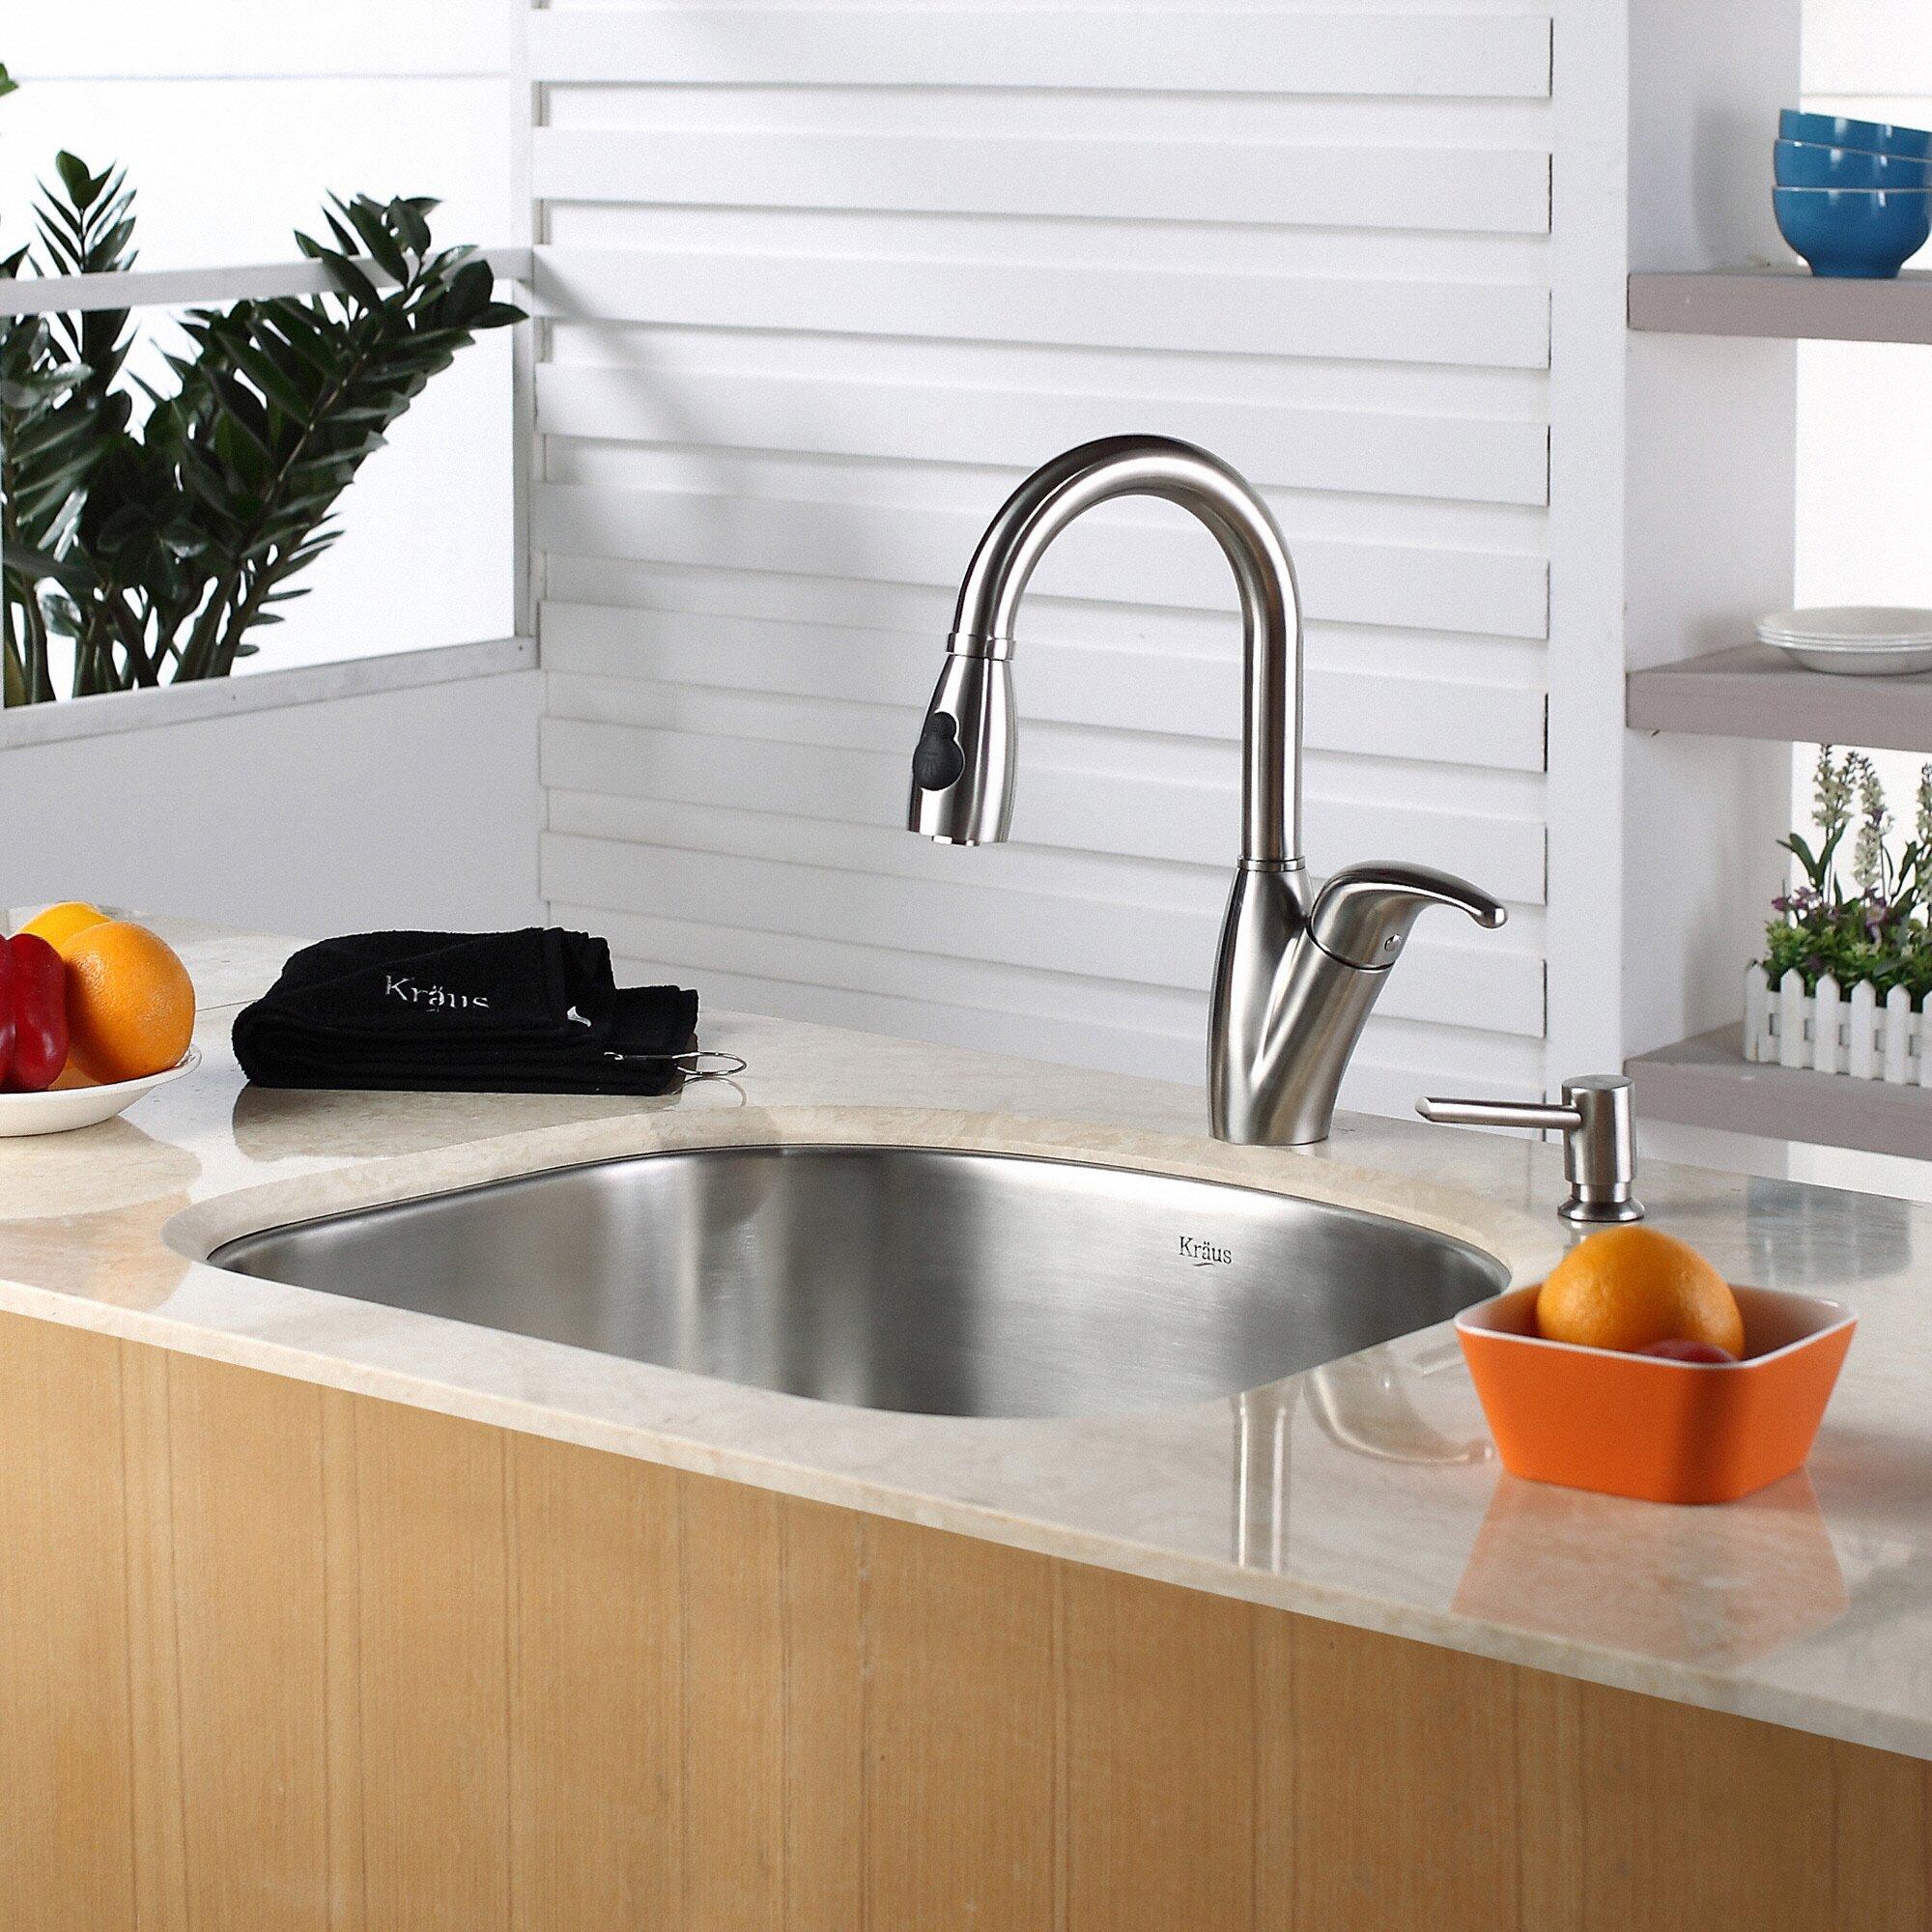 Kraus x undermount single bowl 4 piece - Kitchen sink pieces ...